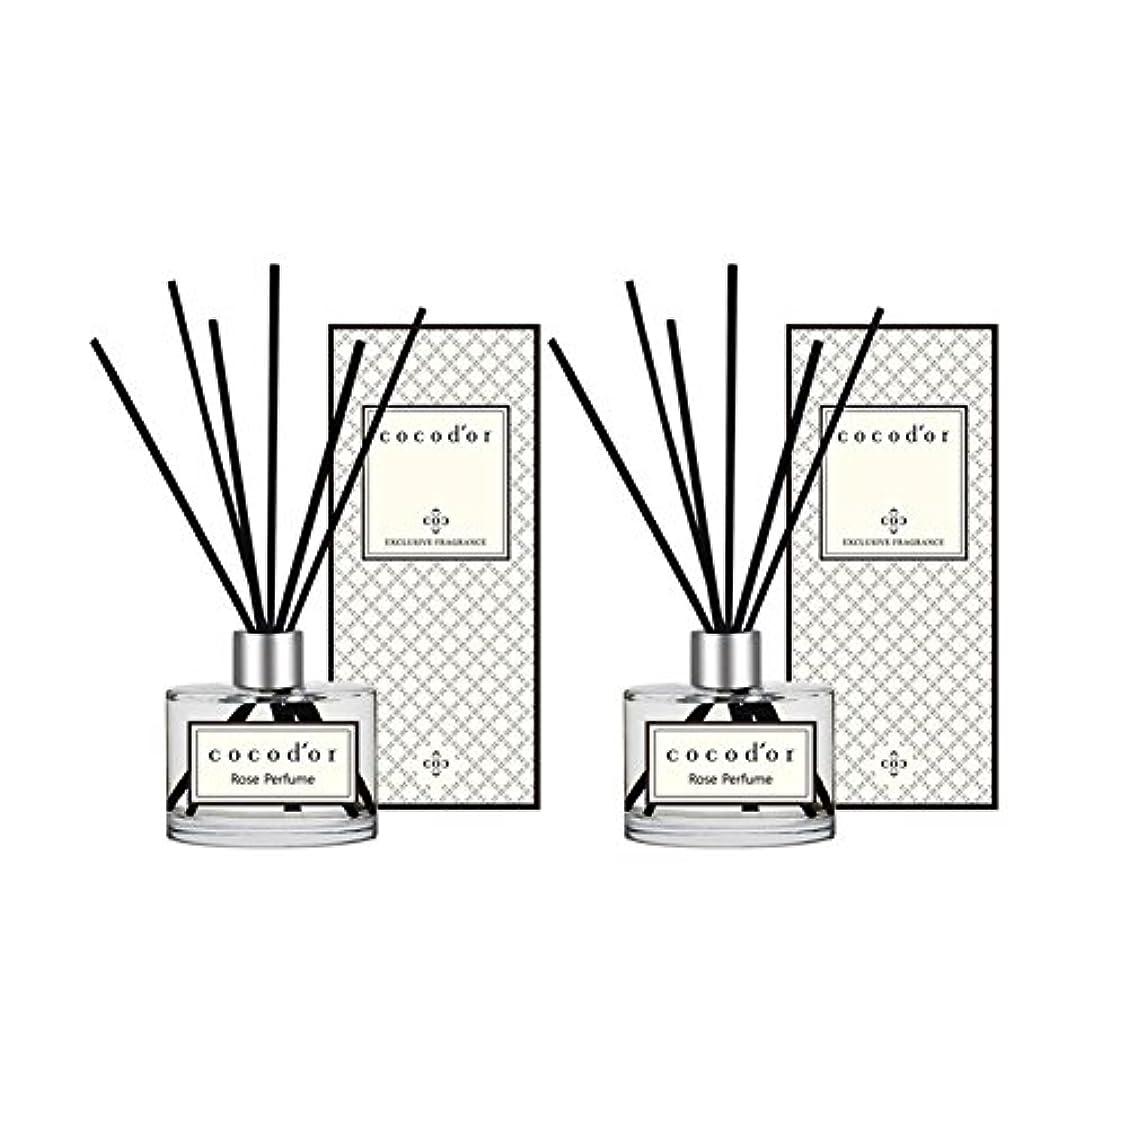 排出マンモス遺棄された(ココドール) COCODOR リードディフューザー本品2個(400ml) (ローズパフューム) [並行輸入品]